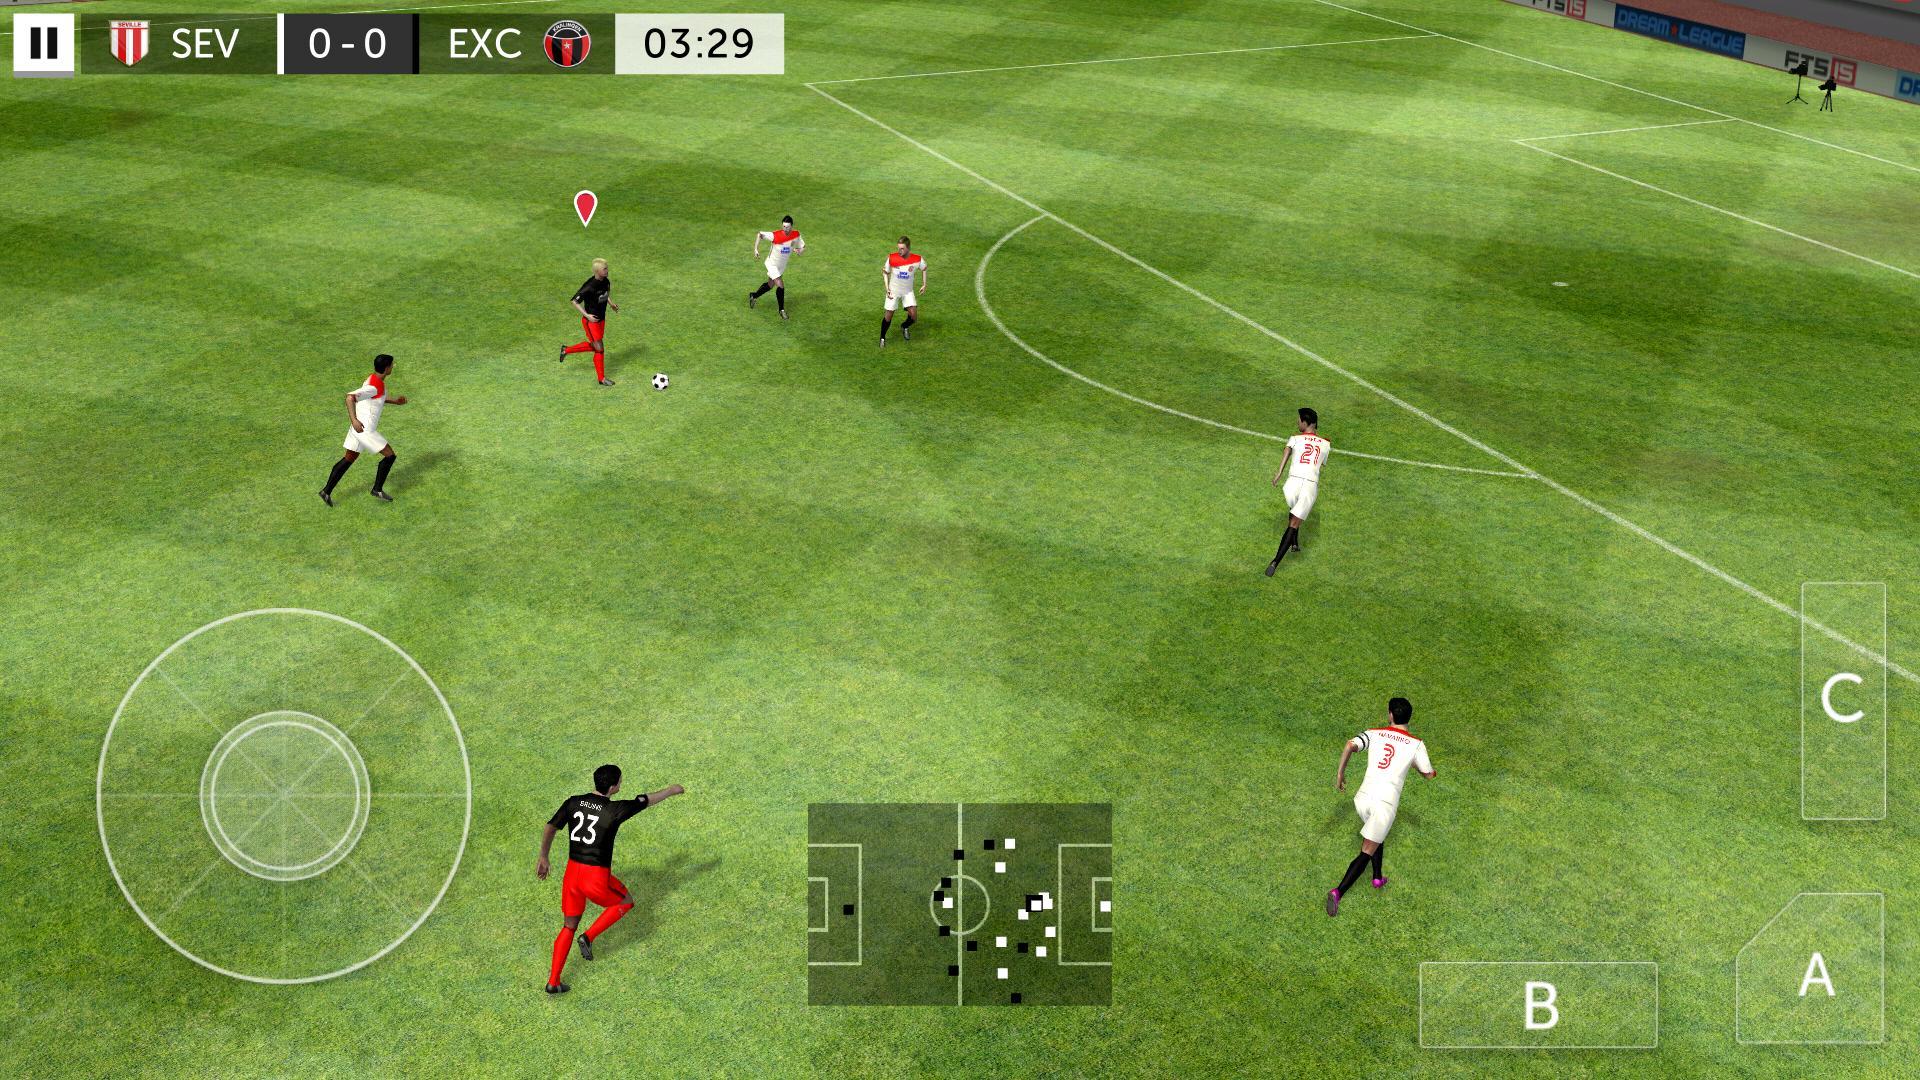 تحميل لعبة first touch soccer 2021 مهكرة [اخر اصدار] للاندرويد